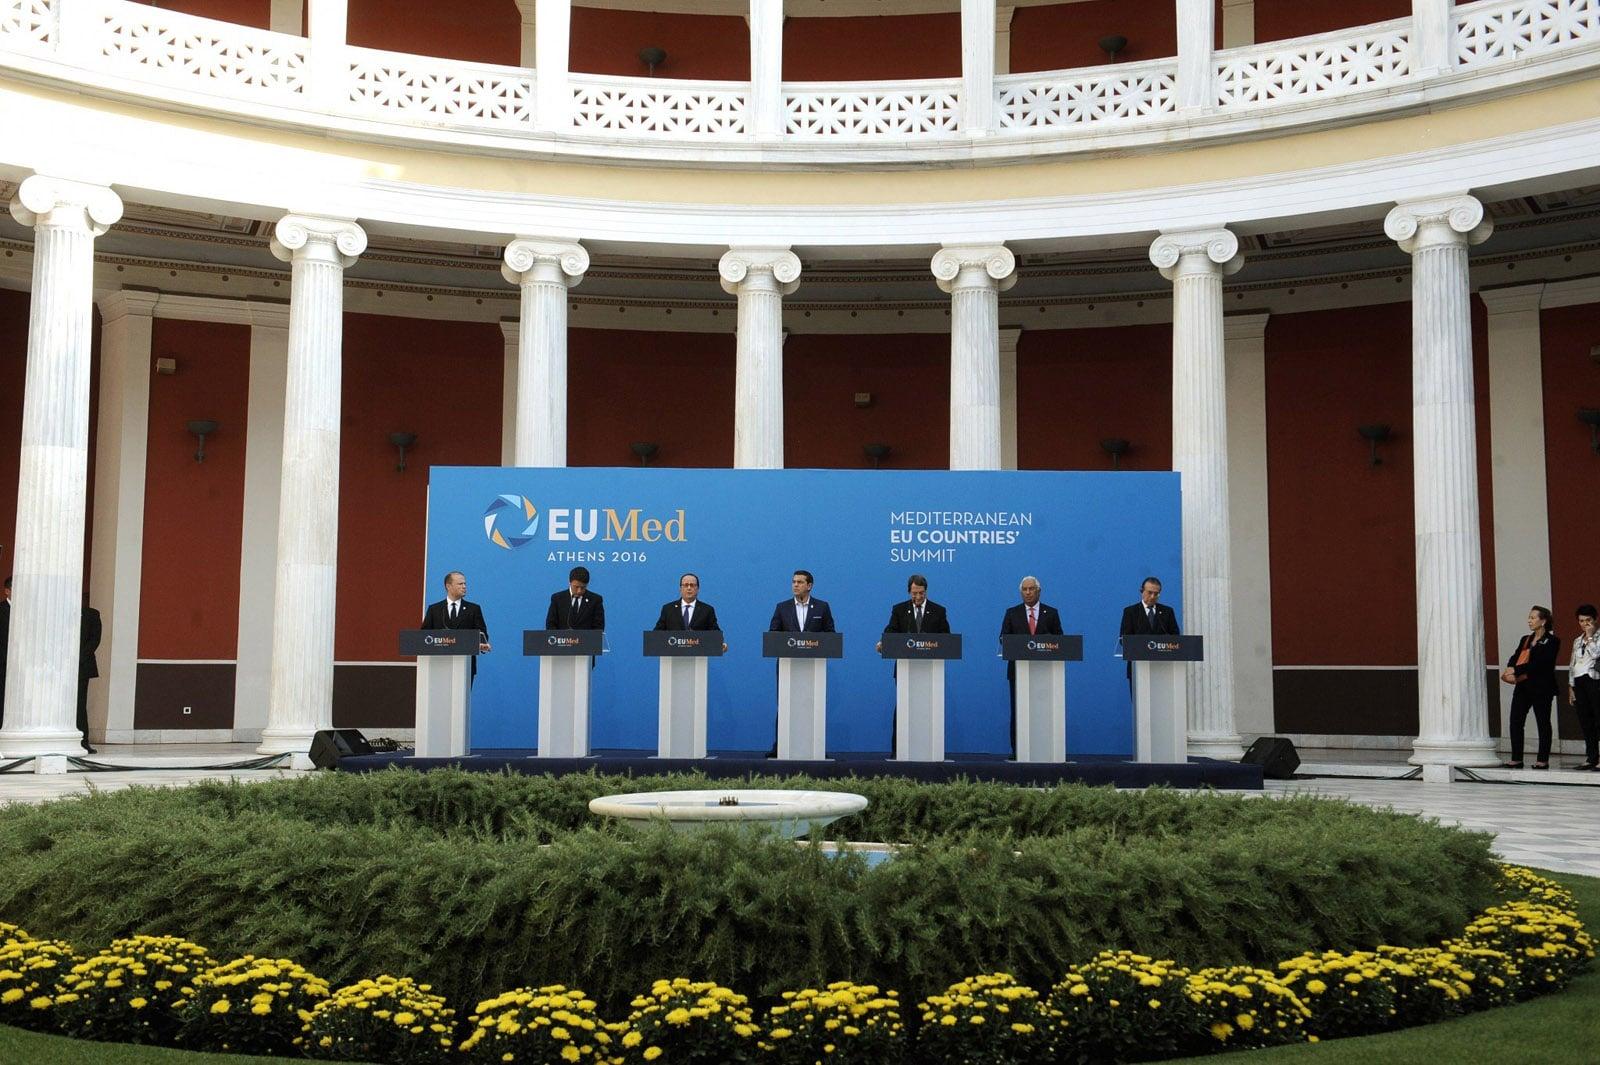 Ζάππειο, Τσίπρας, Σύνοδος Κορυφής 7 Μεσογειακών Χωρών ΕΕ 2016